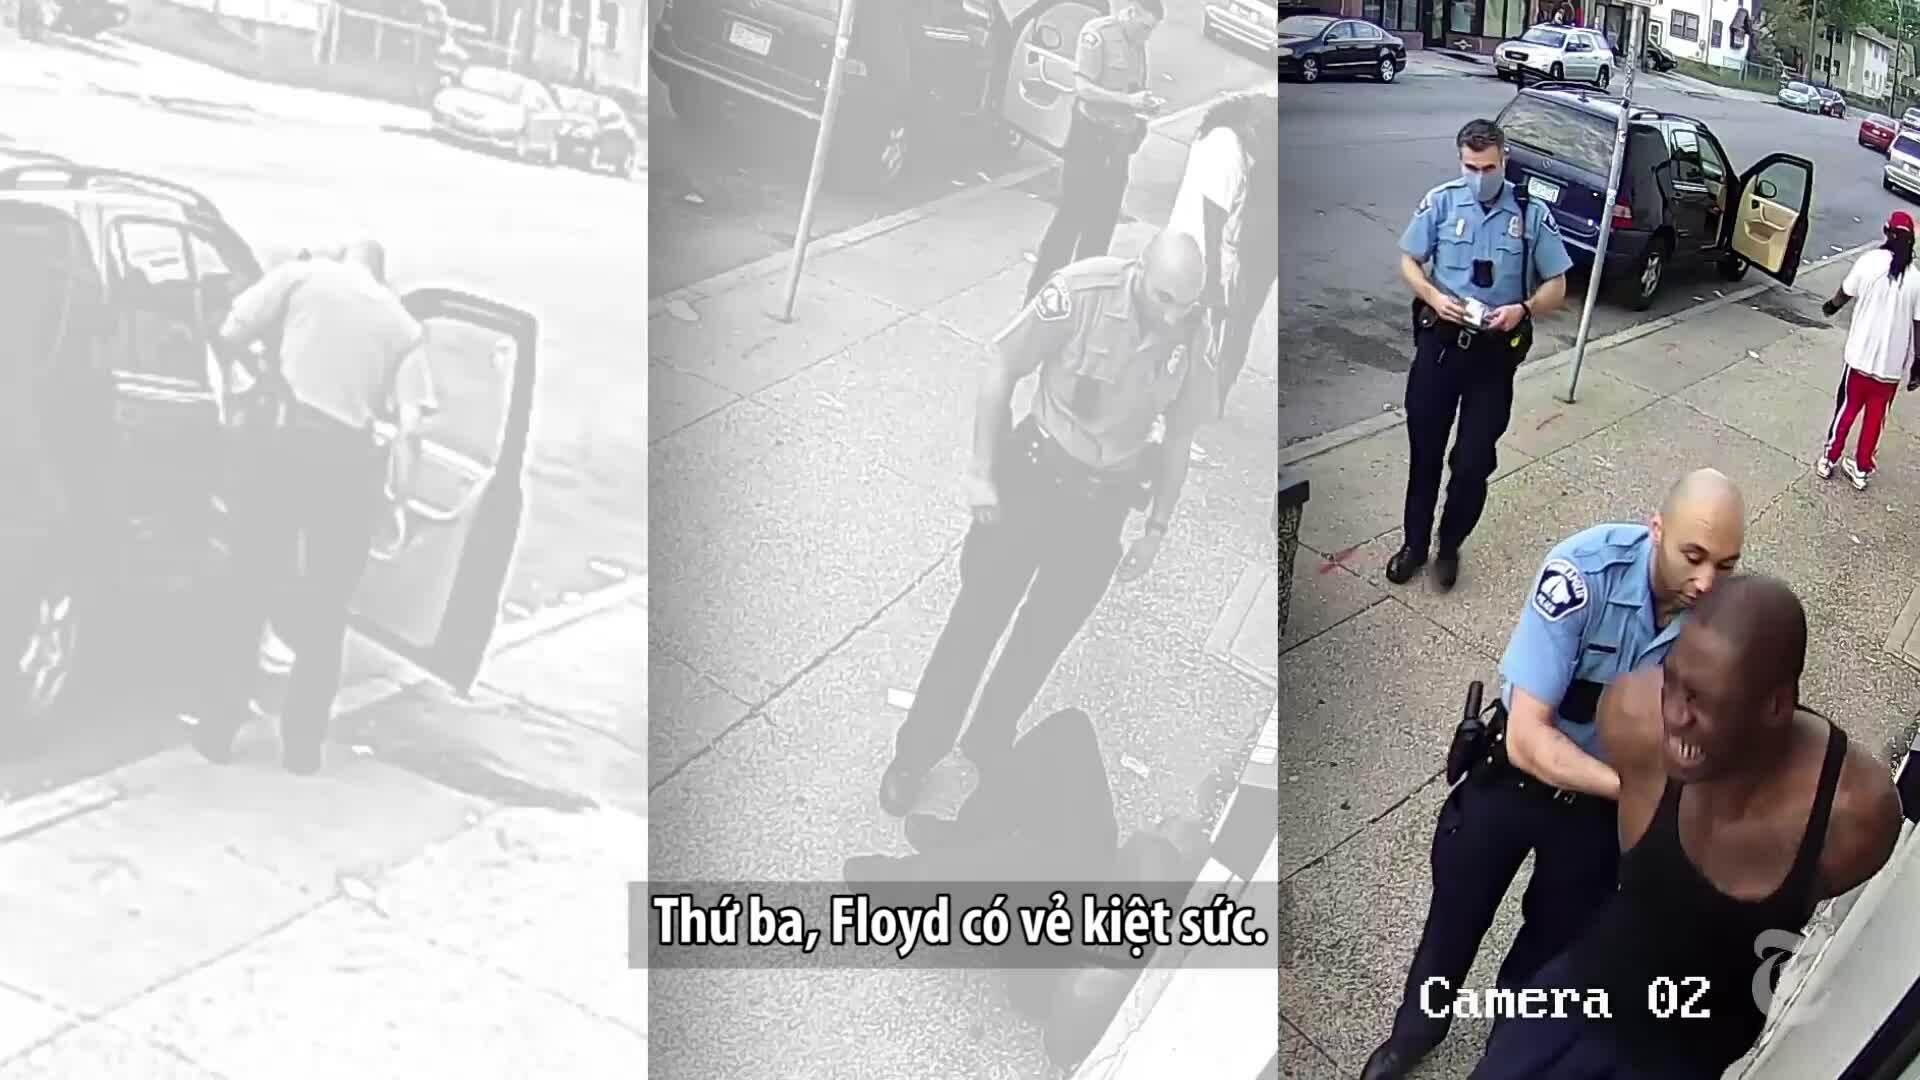 8 phút 46 giây: George Floyd bị giết trong lúc cảnh sát ghì cổ như thế nào?